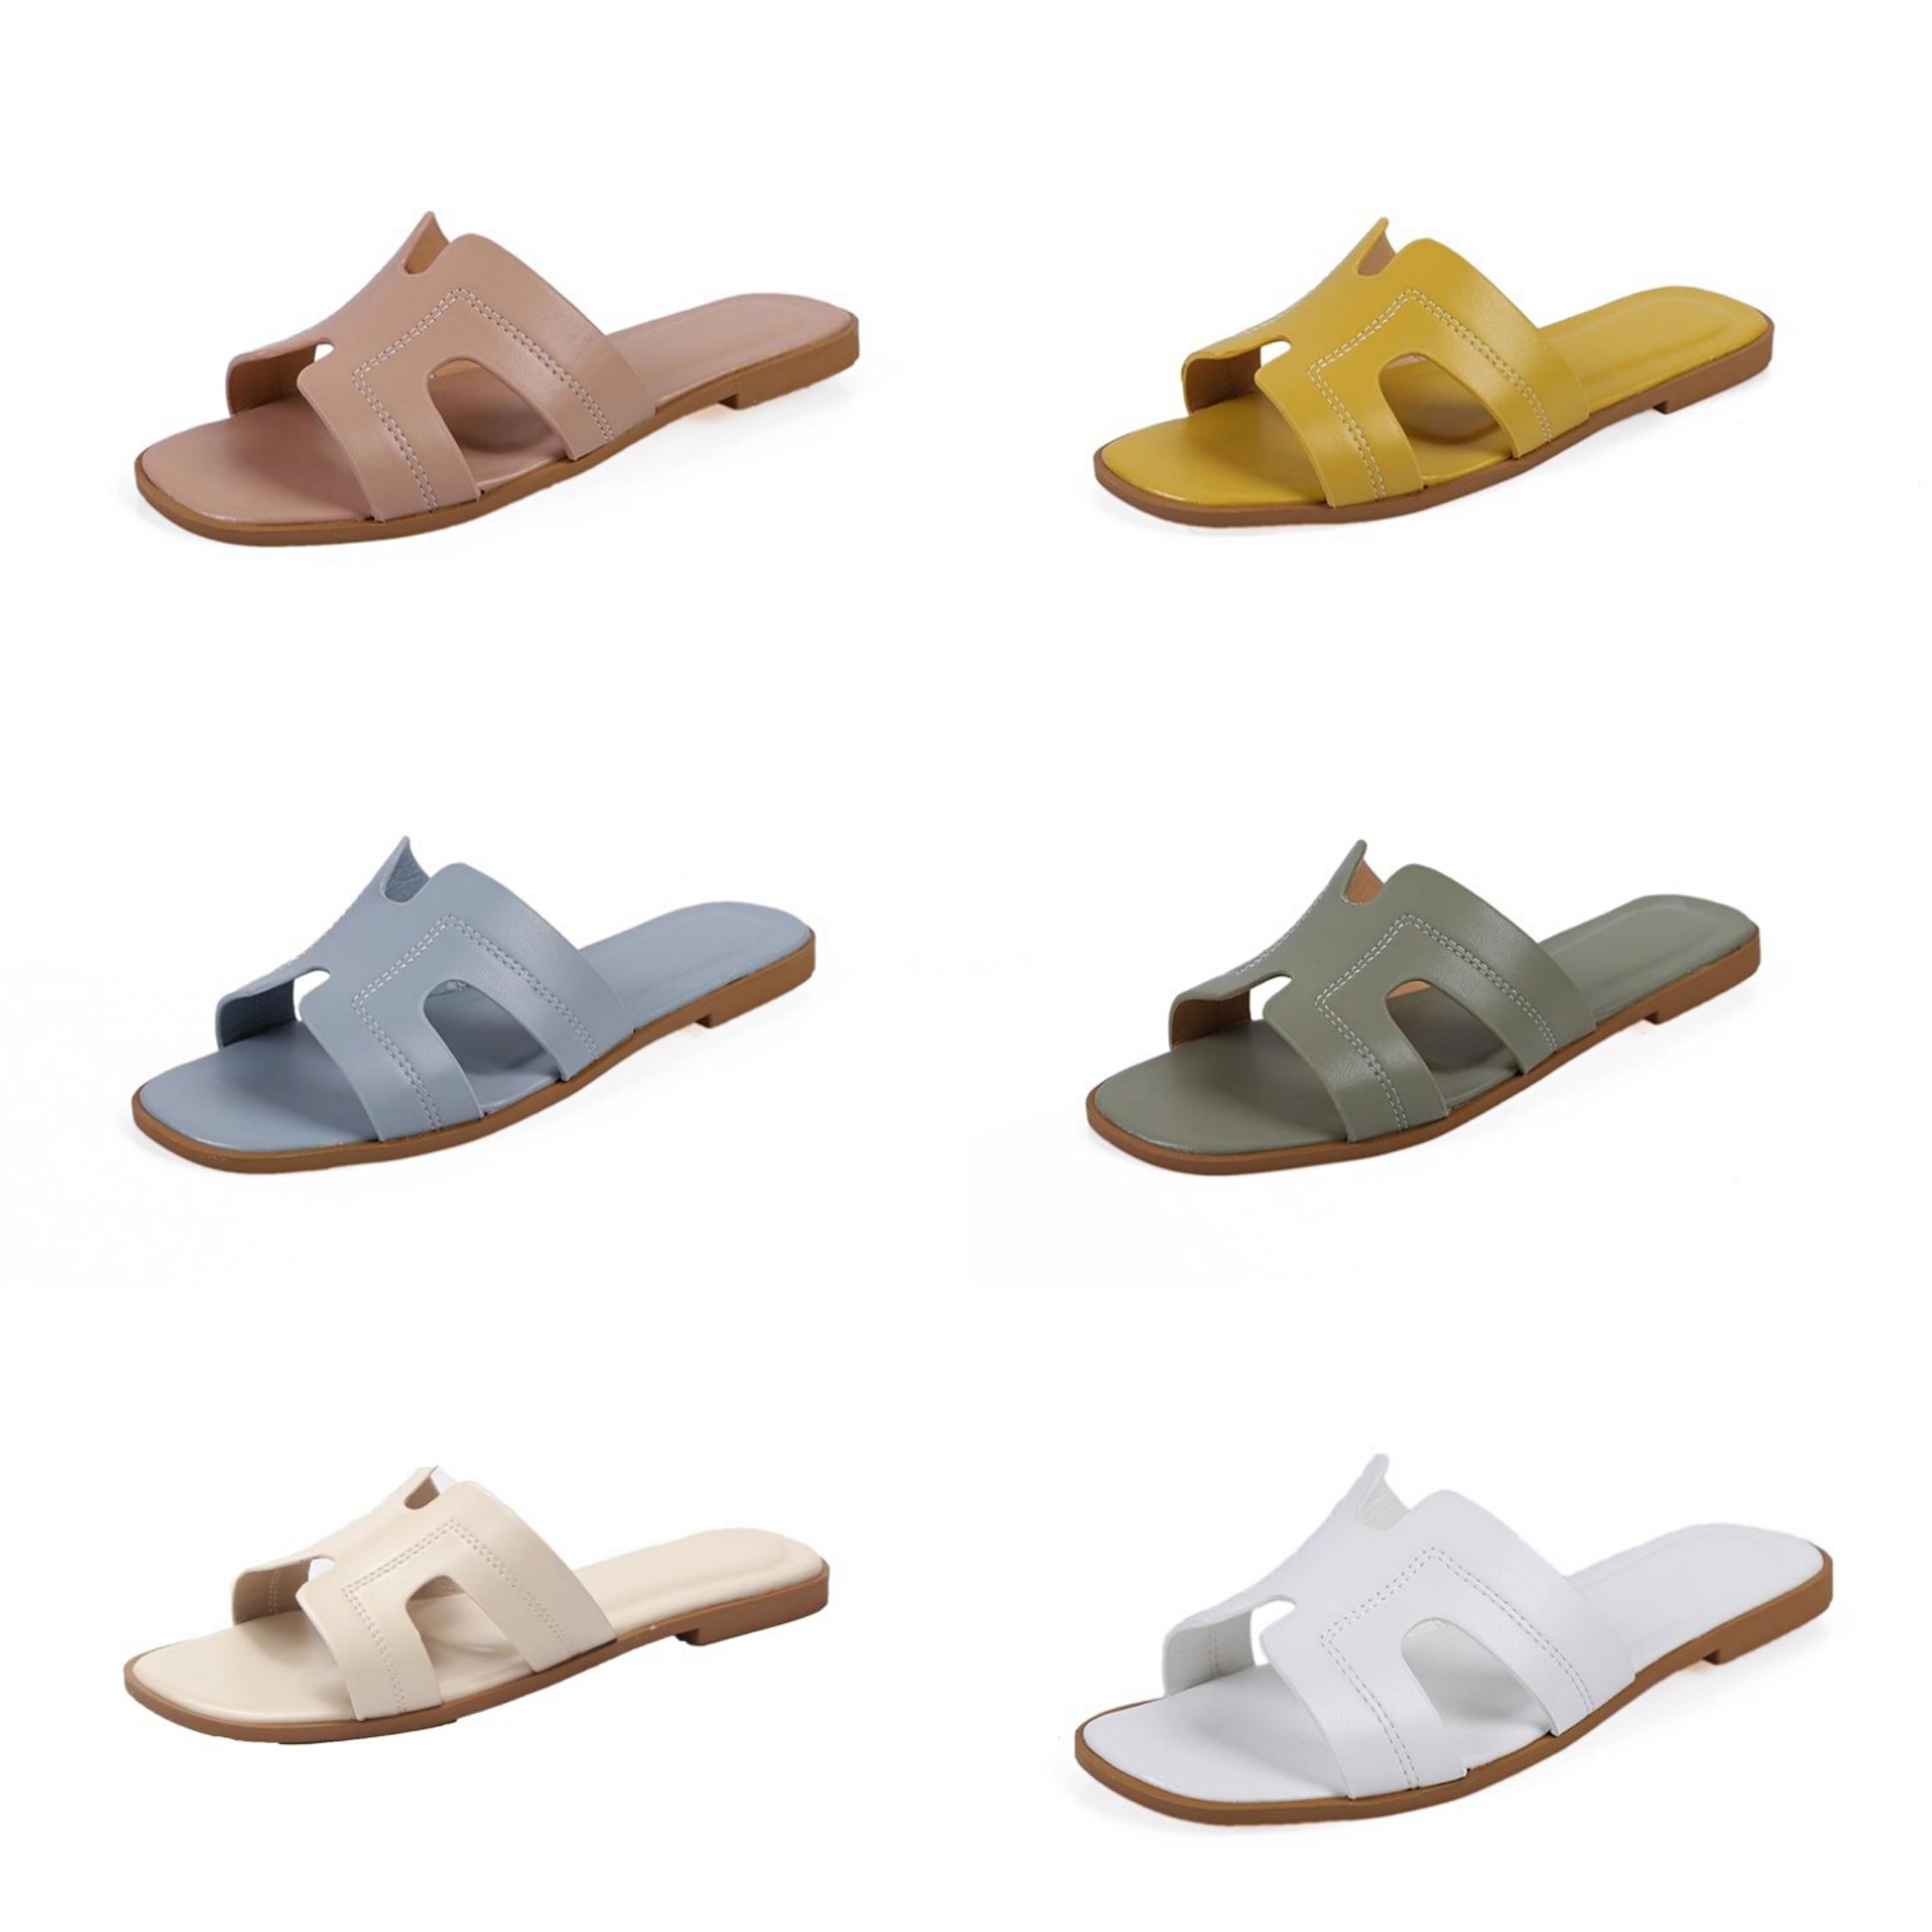 Comfort scarpe per le donne Beach Sandalo Donna Pantofole 2020 della fibbia Donne Soft Comfort Block signore Vendita Beige # 792